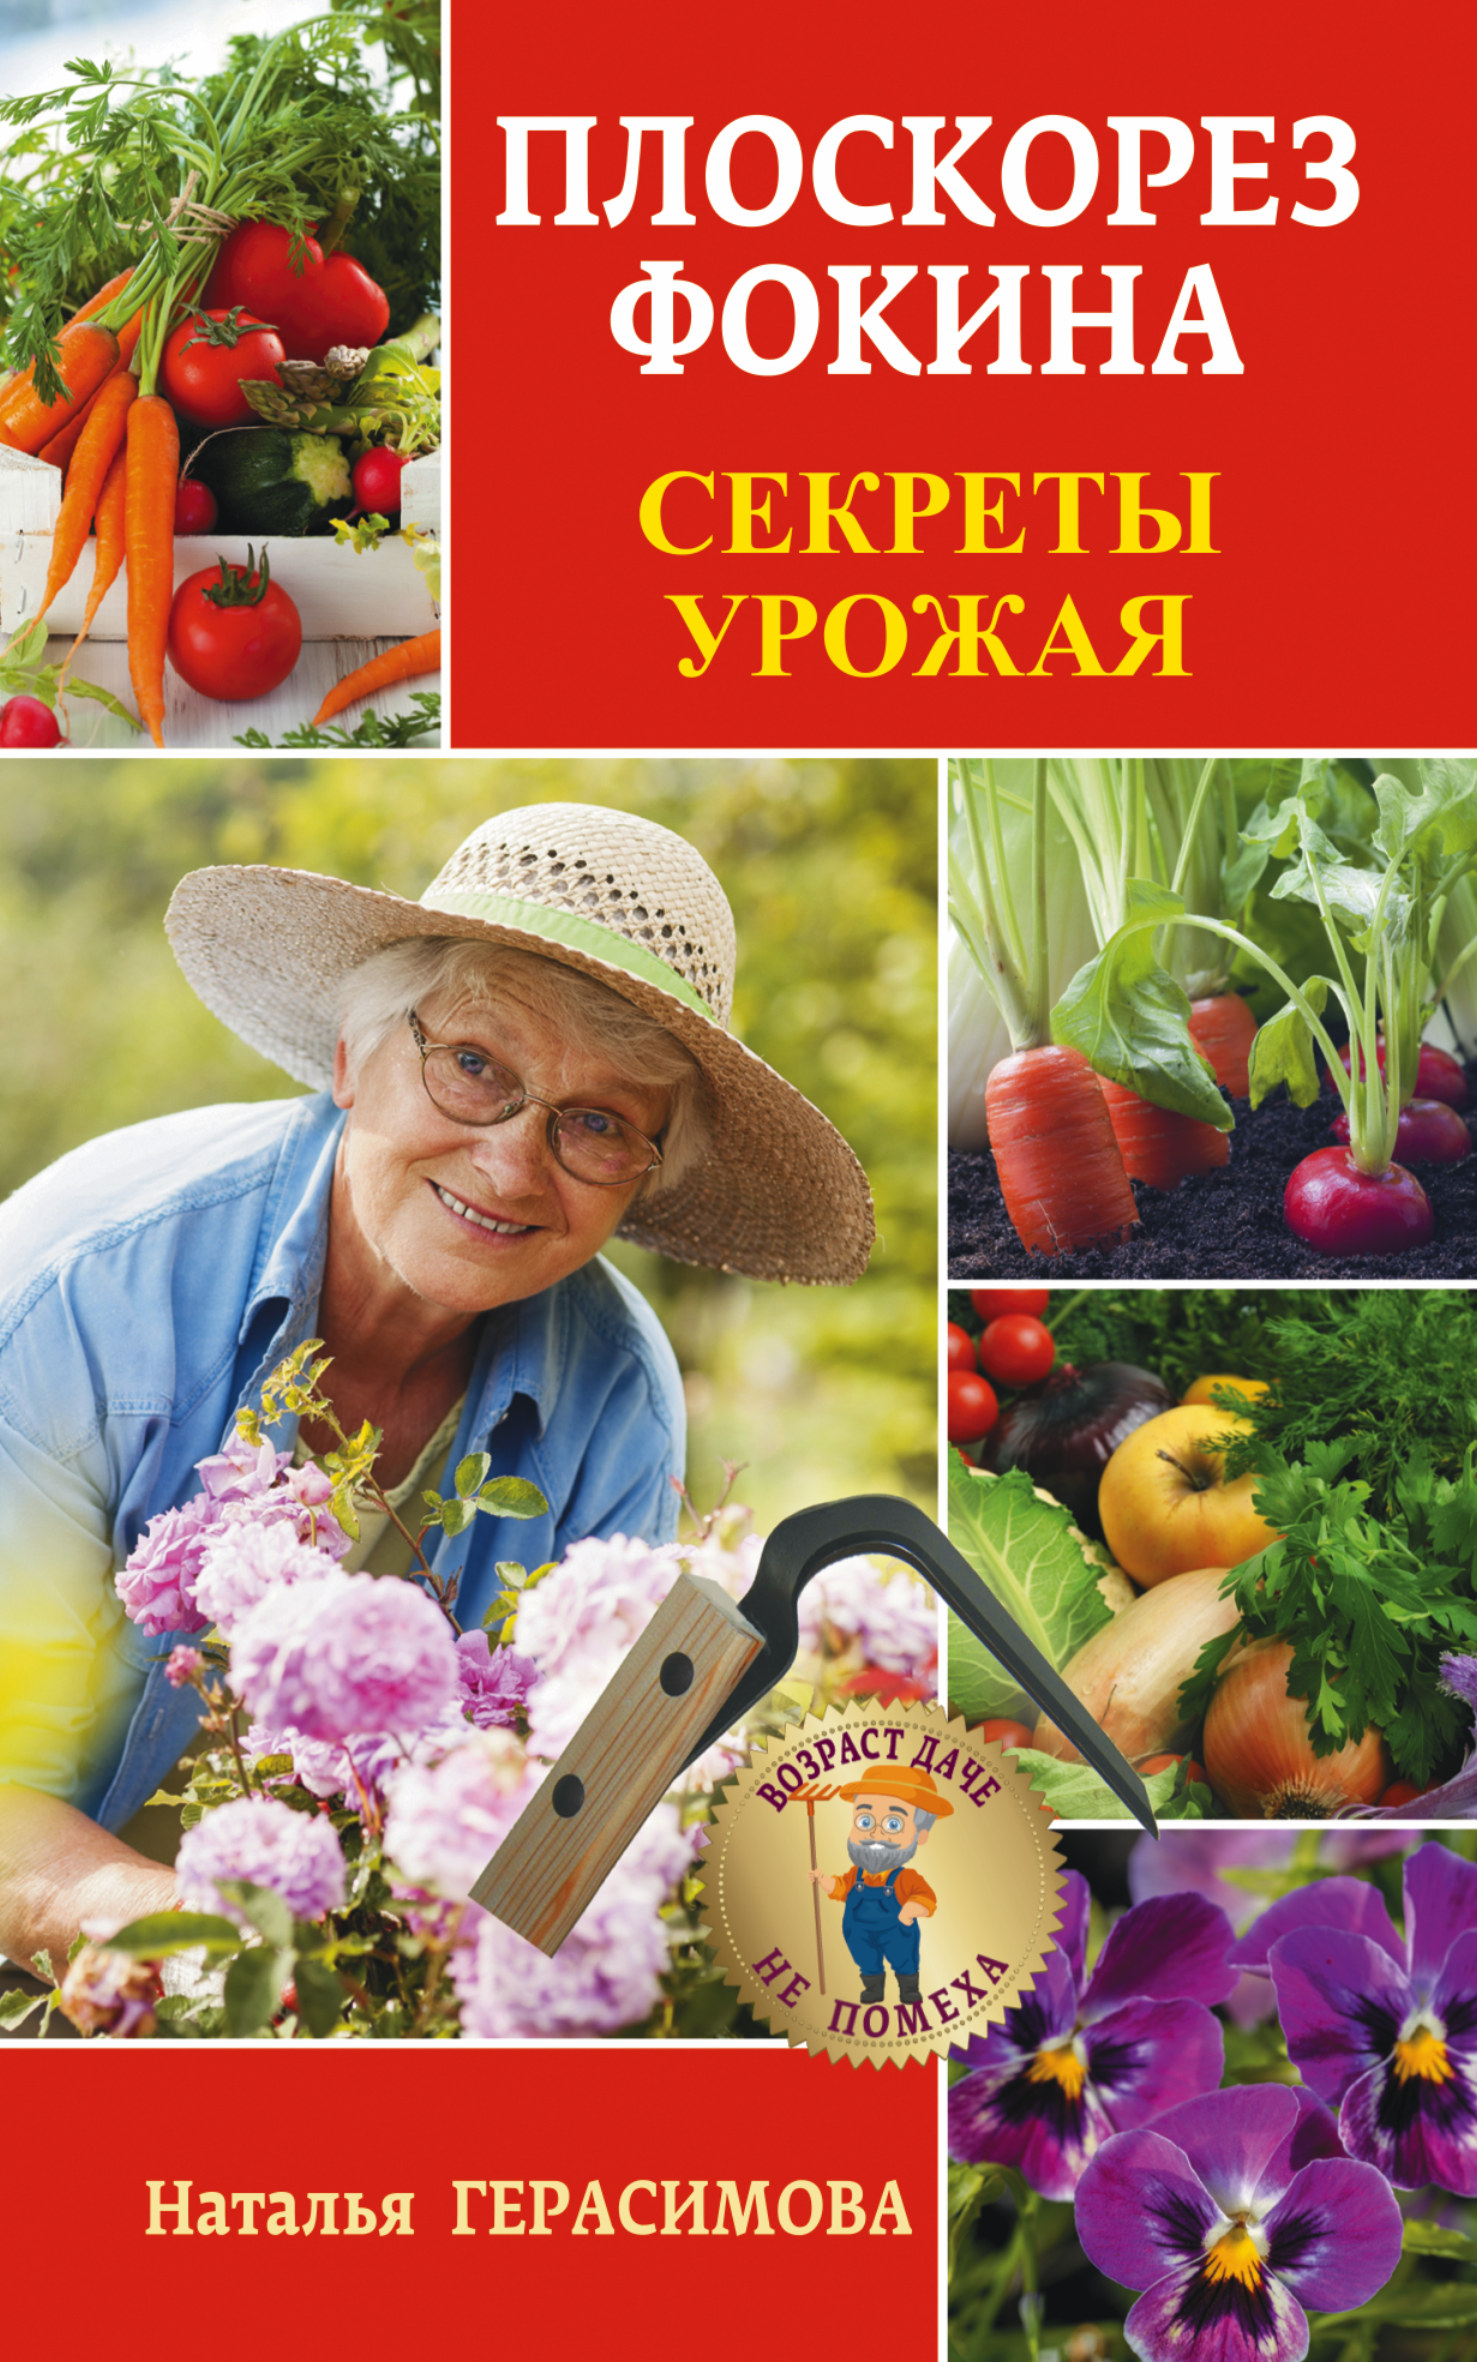 Герасимова Наталья Плоскорез Фокина. Секреты урожая герасимова наталья плоскорез фокина секреты урожая